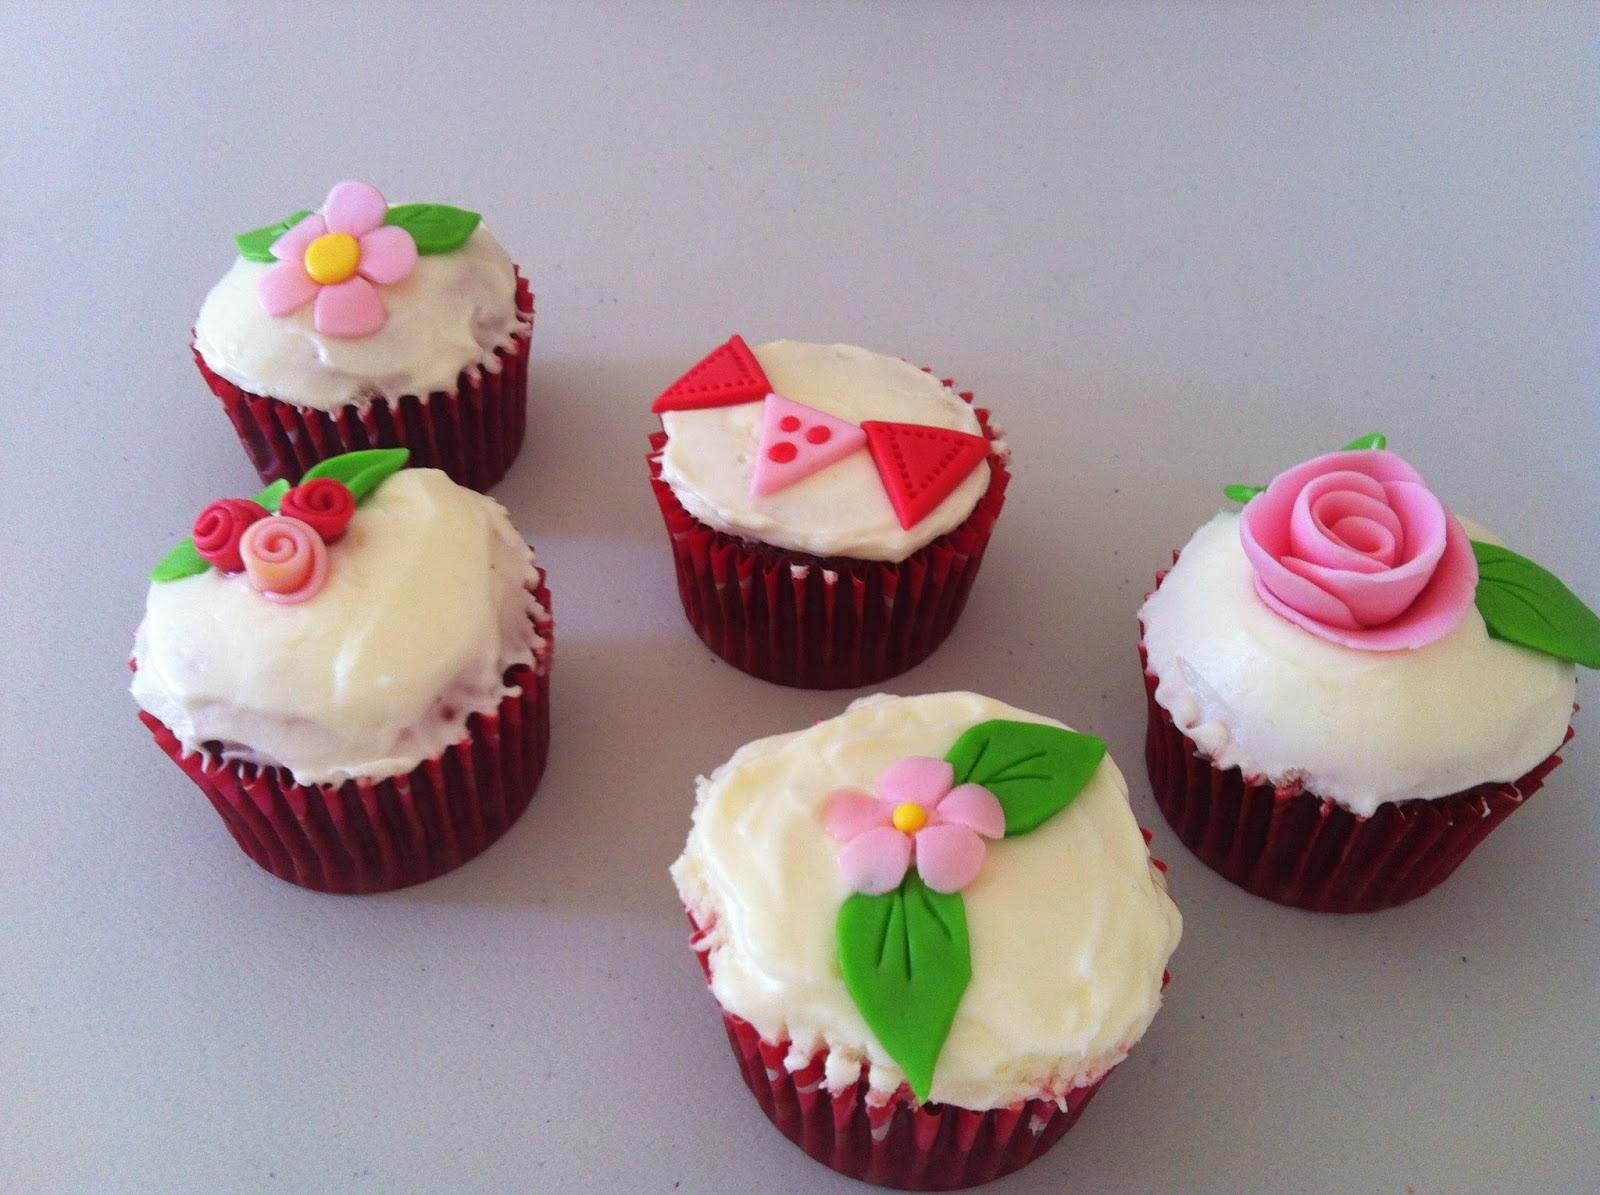 colorant alimentaire en gel pour colorer mes cupcakes le nom de ce gteau est plus que parfait car il est trs are et trs moelleux - Cupcake Colorant Alimentaire